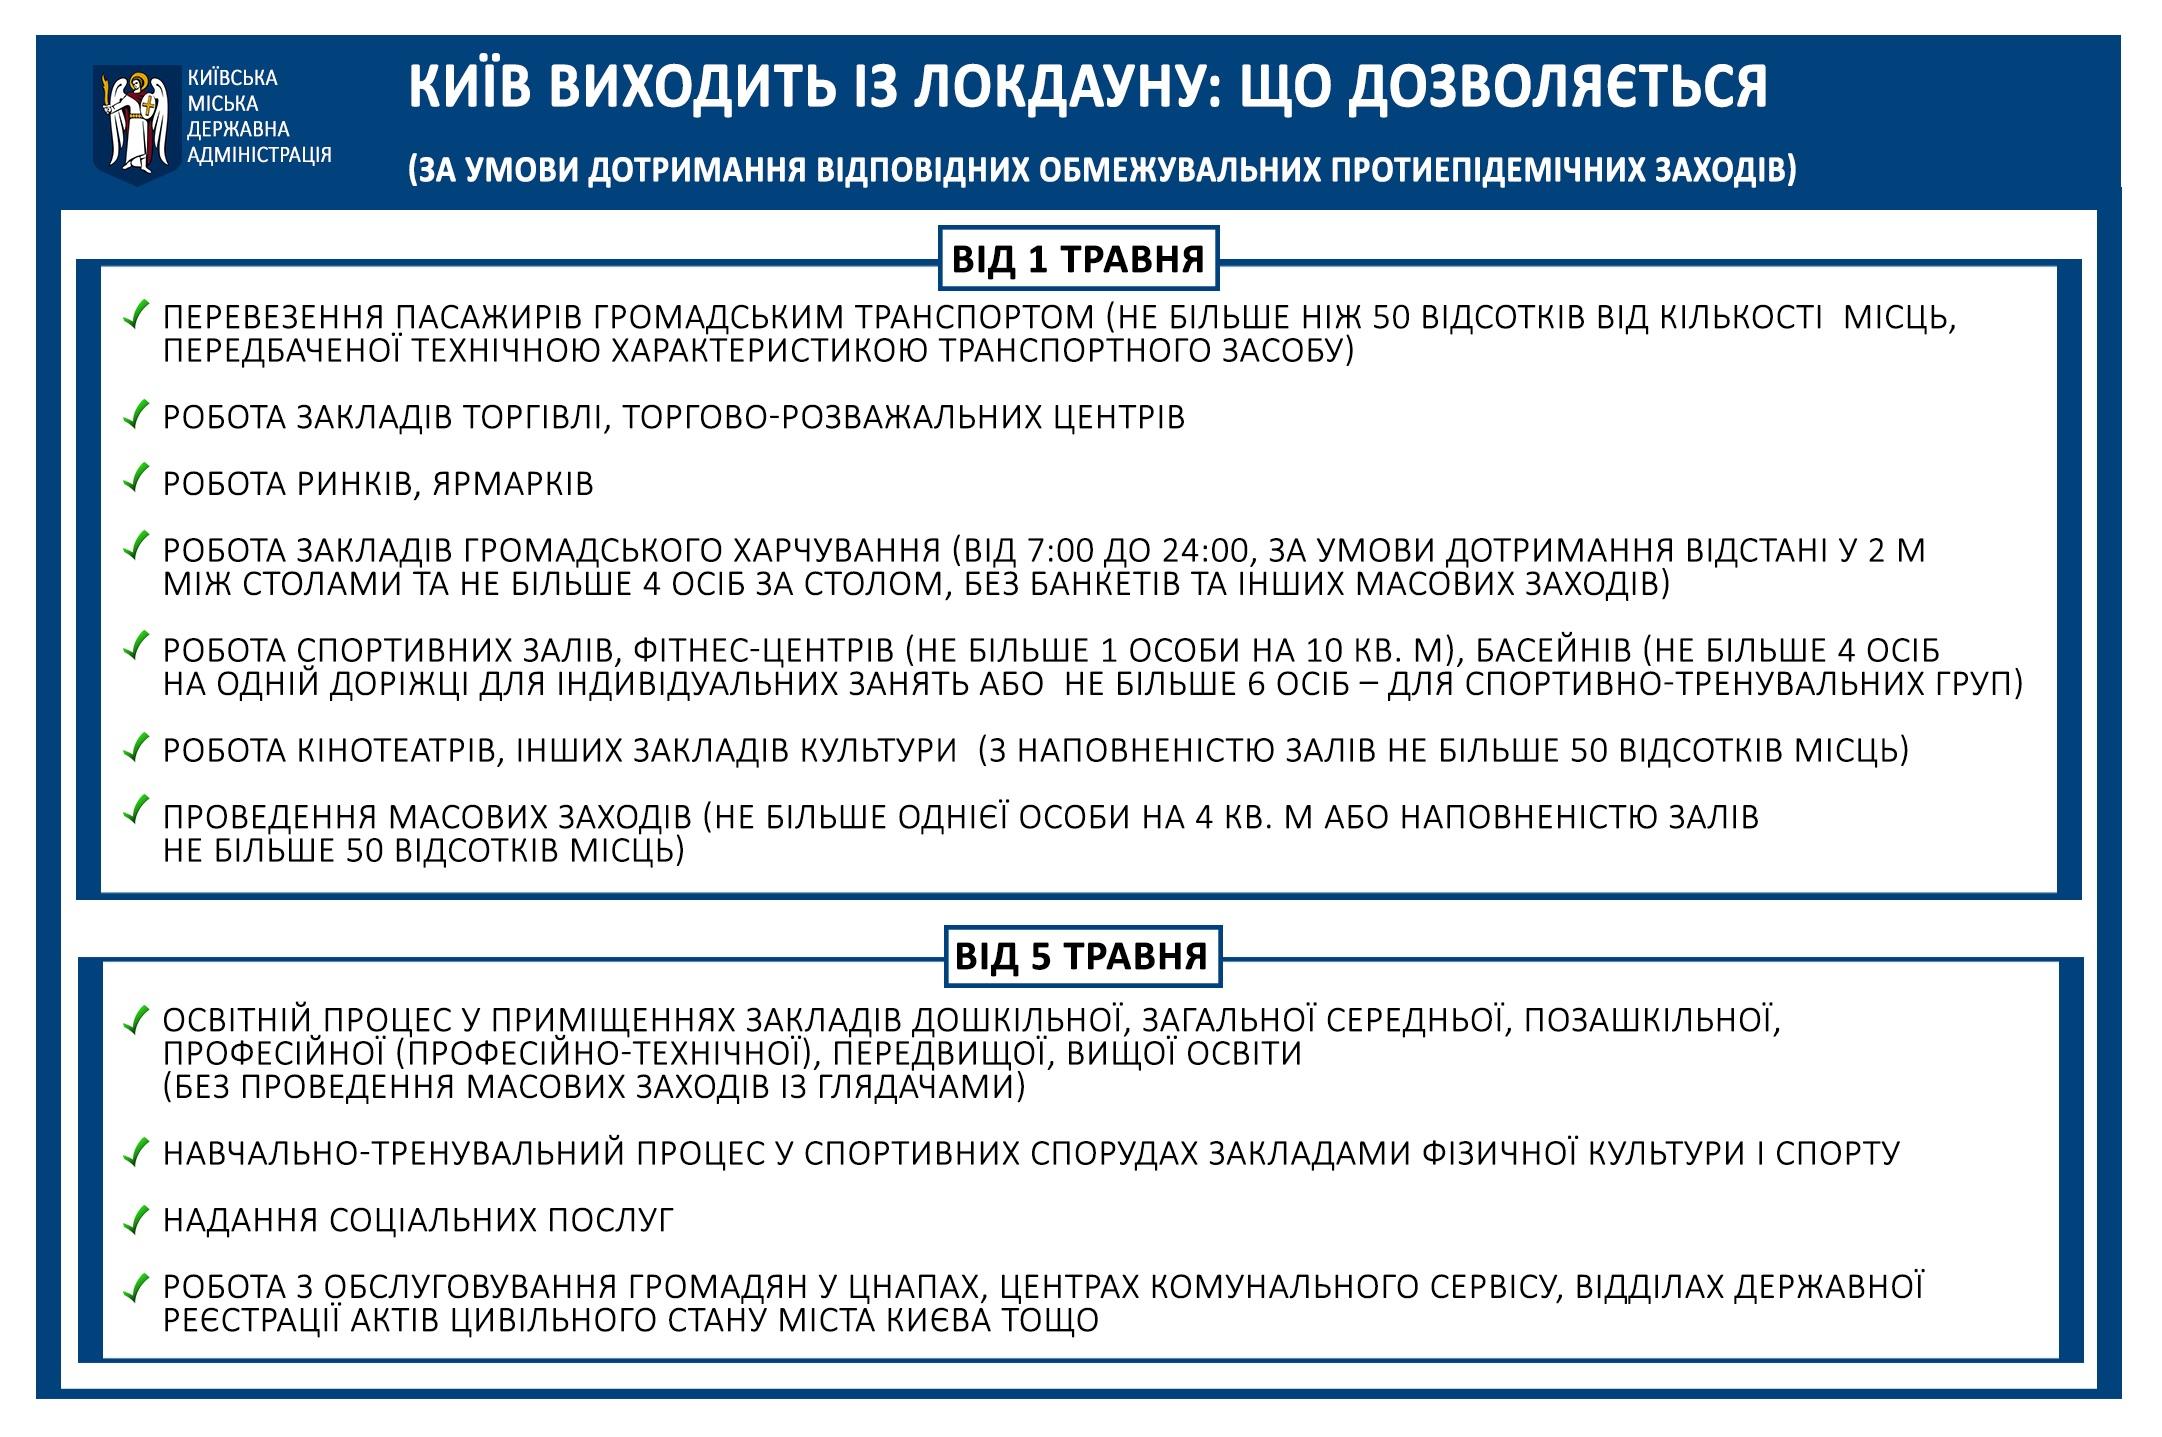 Київ виходить із локдауну: що буде дозволено і що заборонено з 1 травня – інфографіка